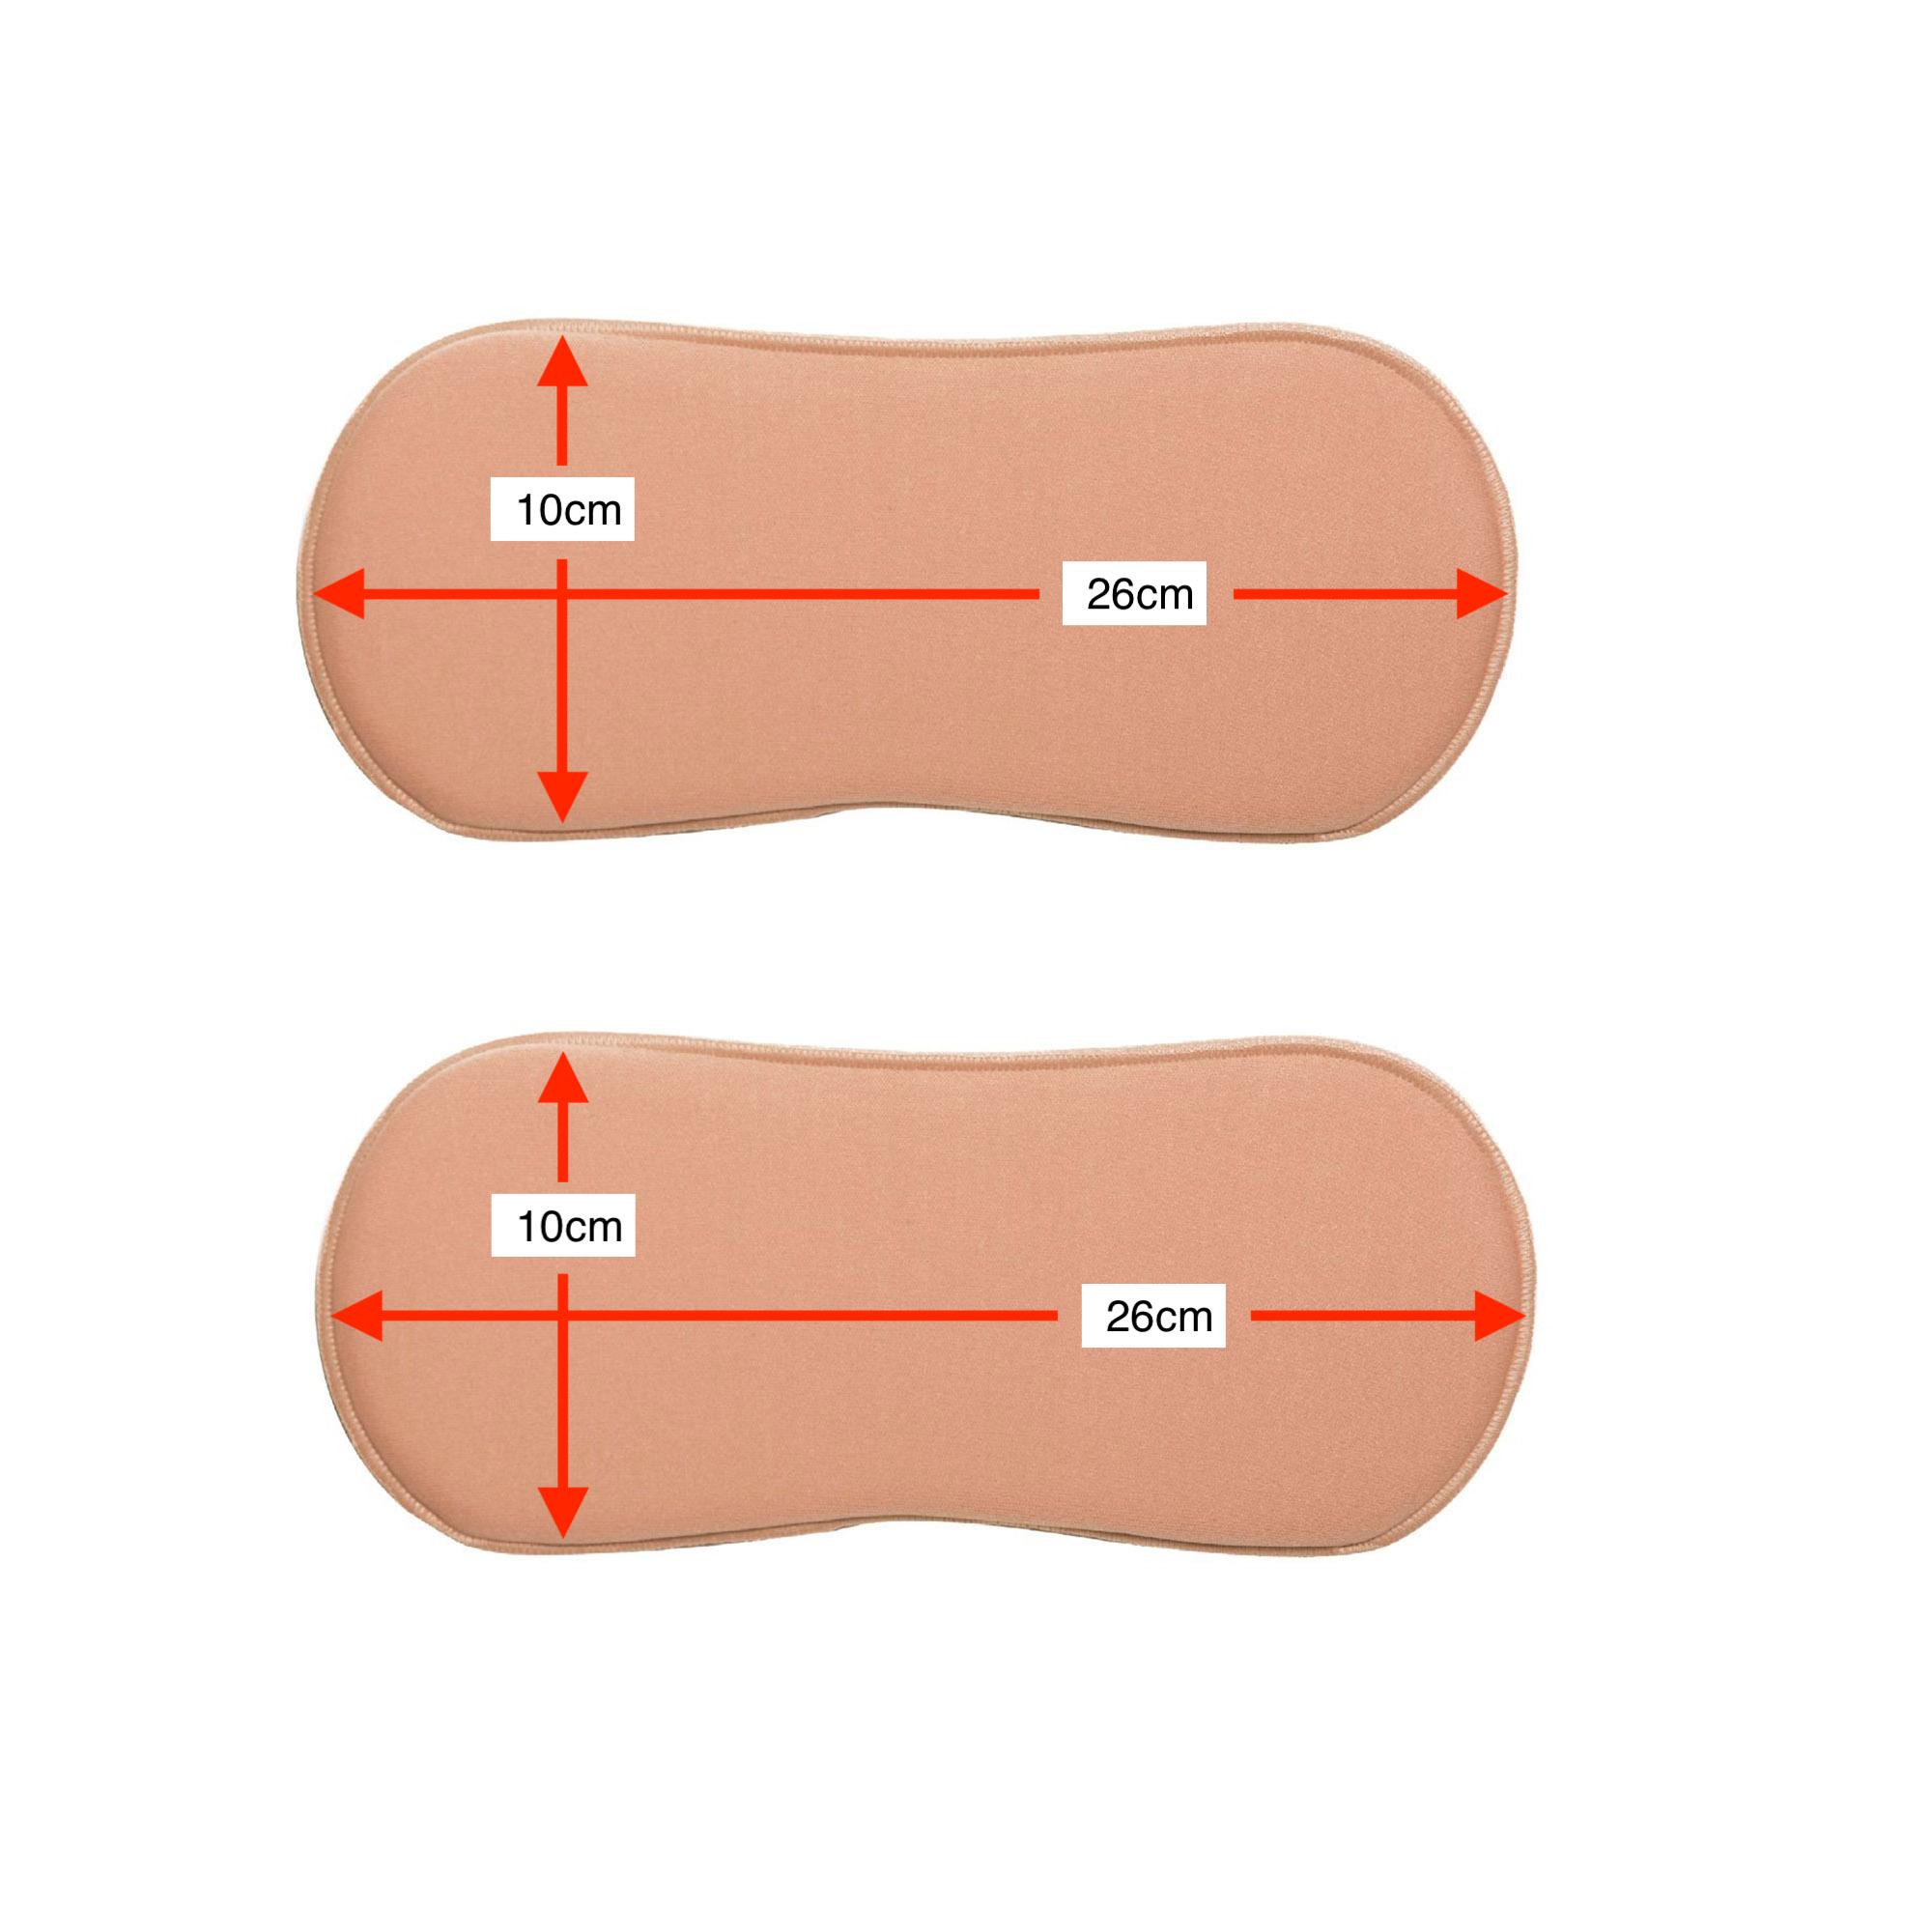 2un de placa tala rígida de compressão p flancos New Form 90016A pós cirúrgica conhecida como ossinho oitinho chinelinho  - Cinta se Nova